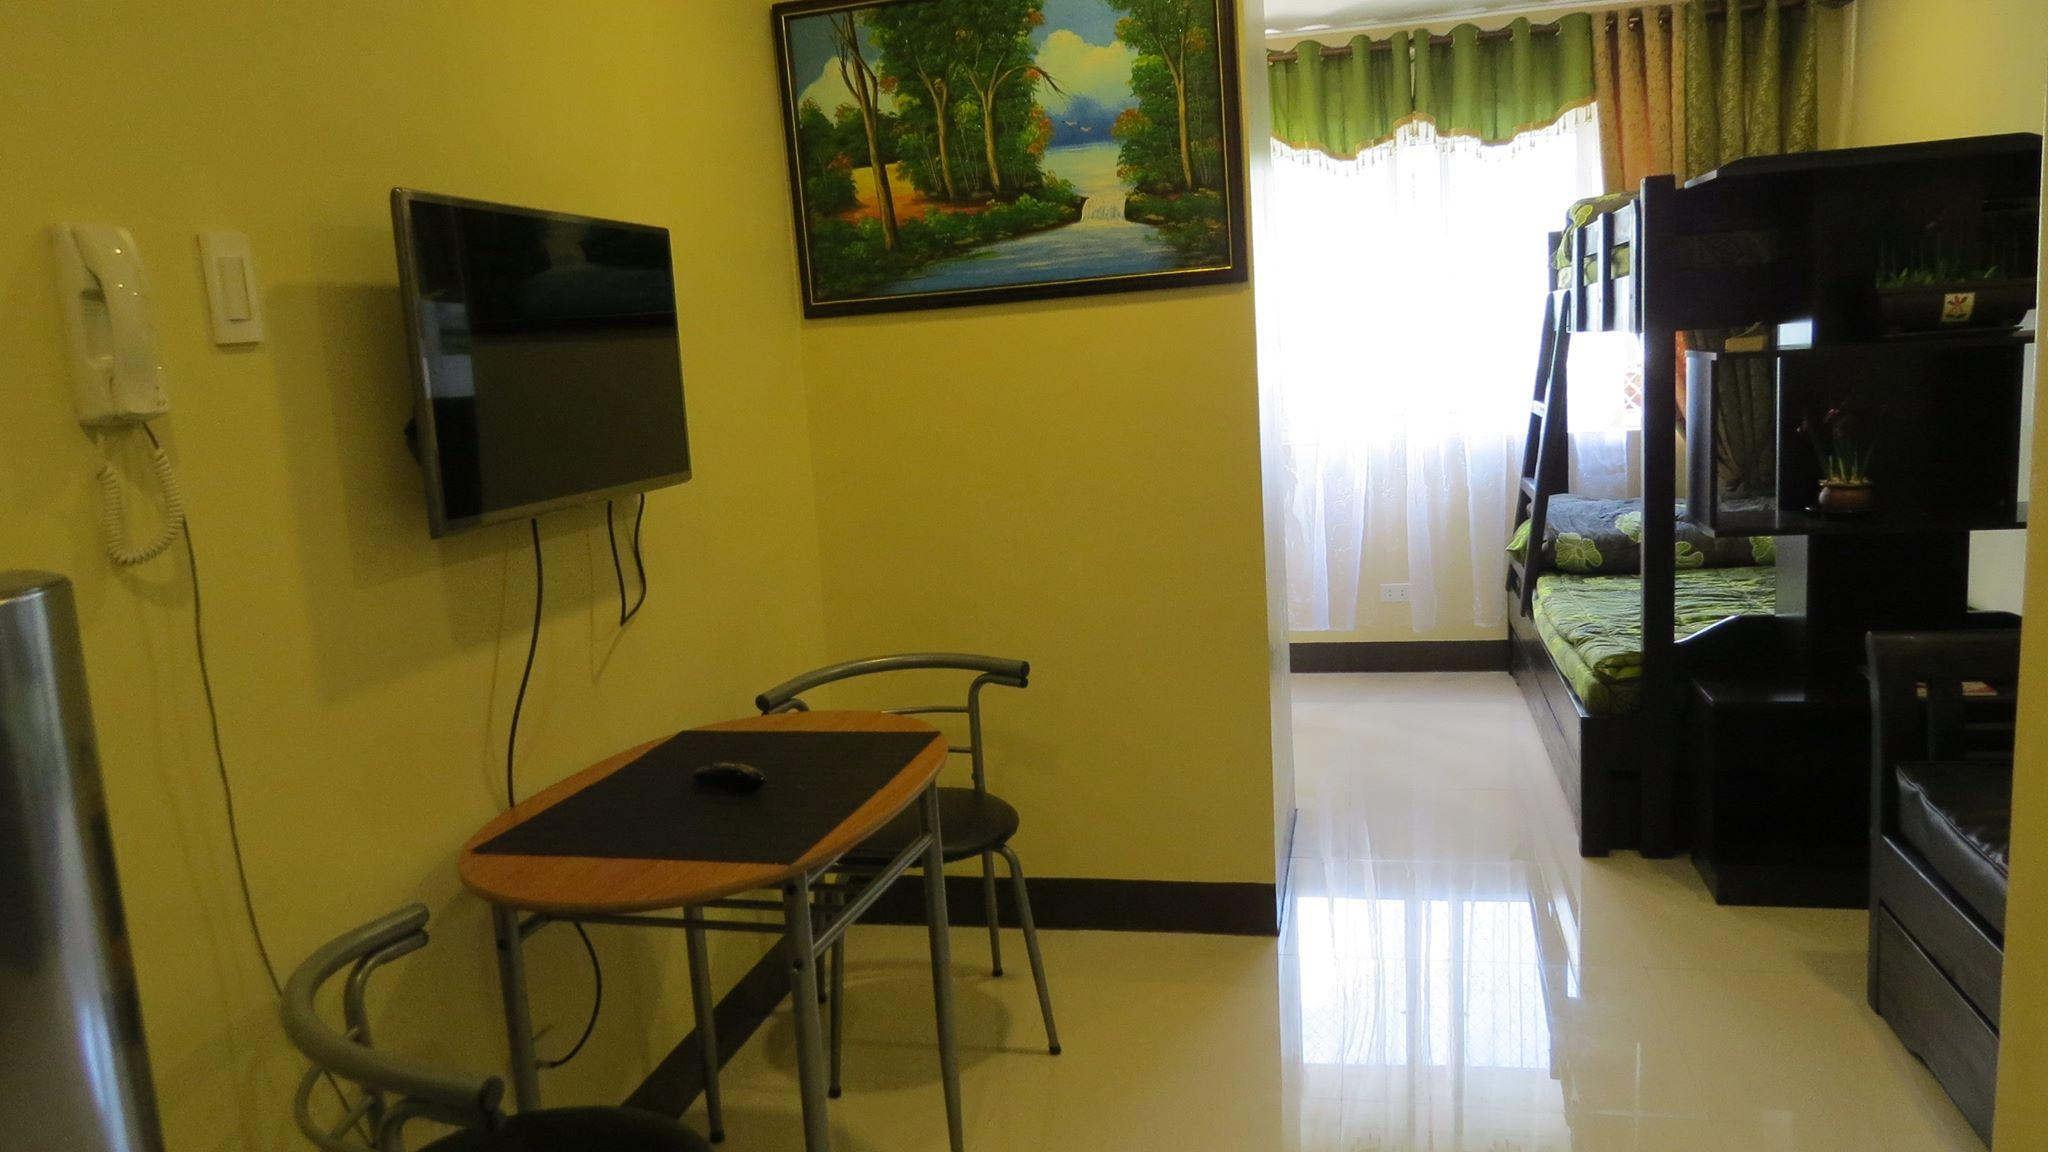 BAGUIO STUDIO CONDO UNIT